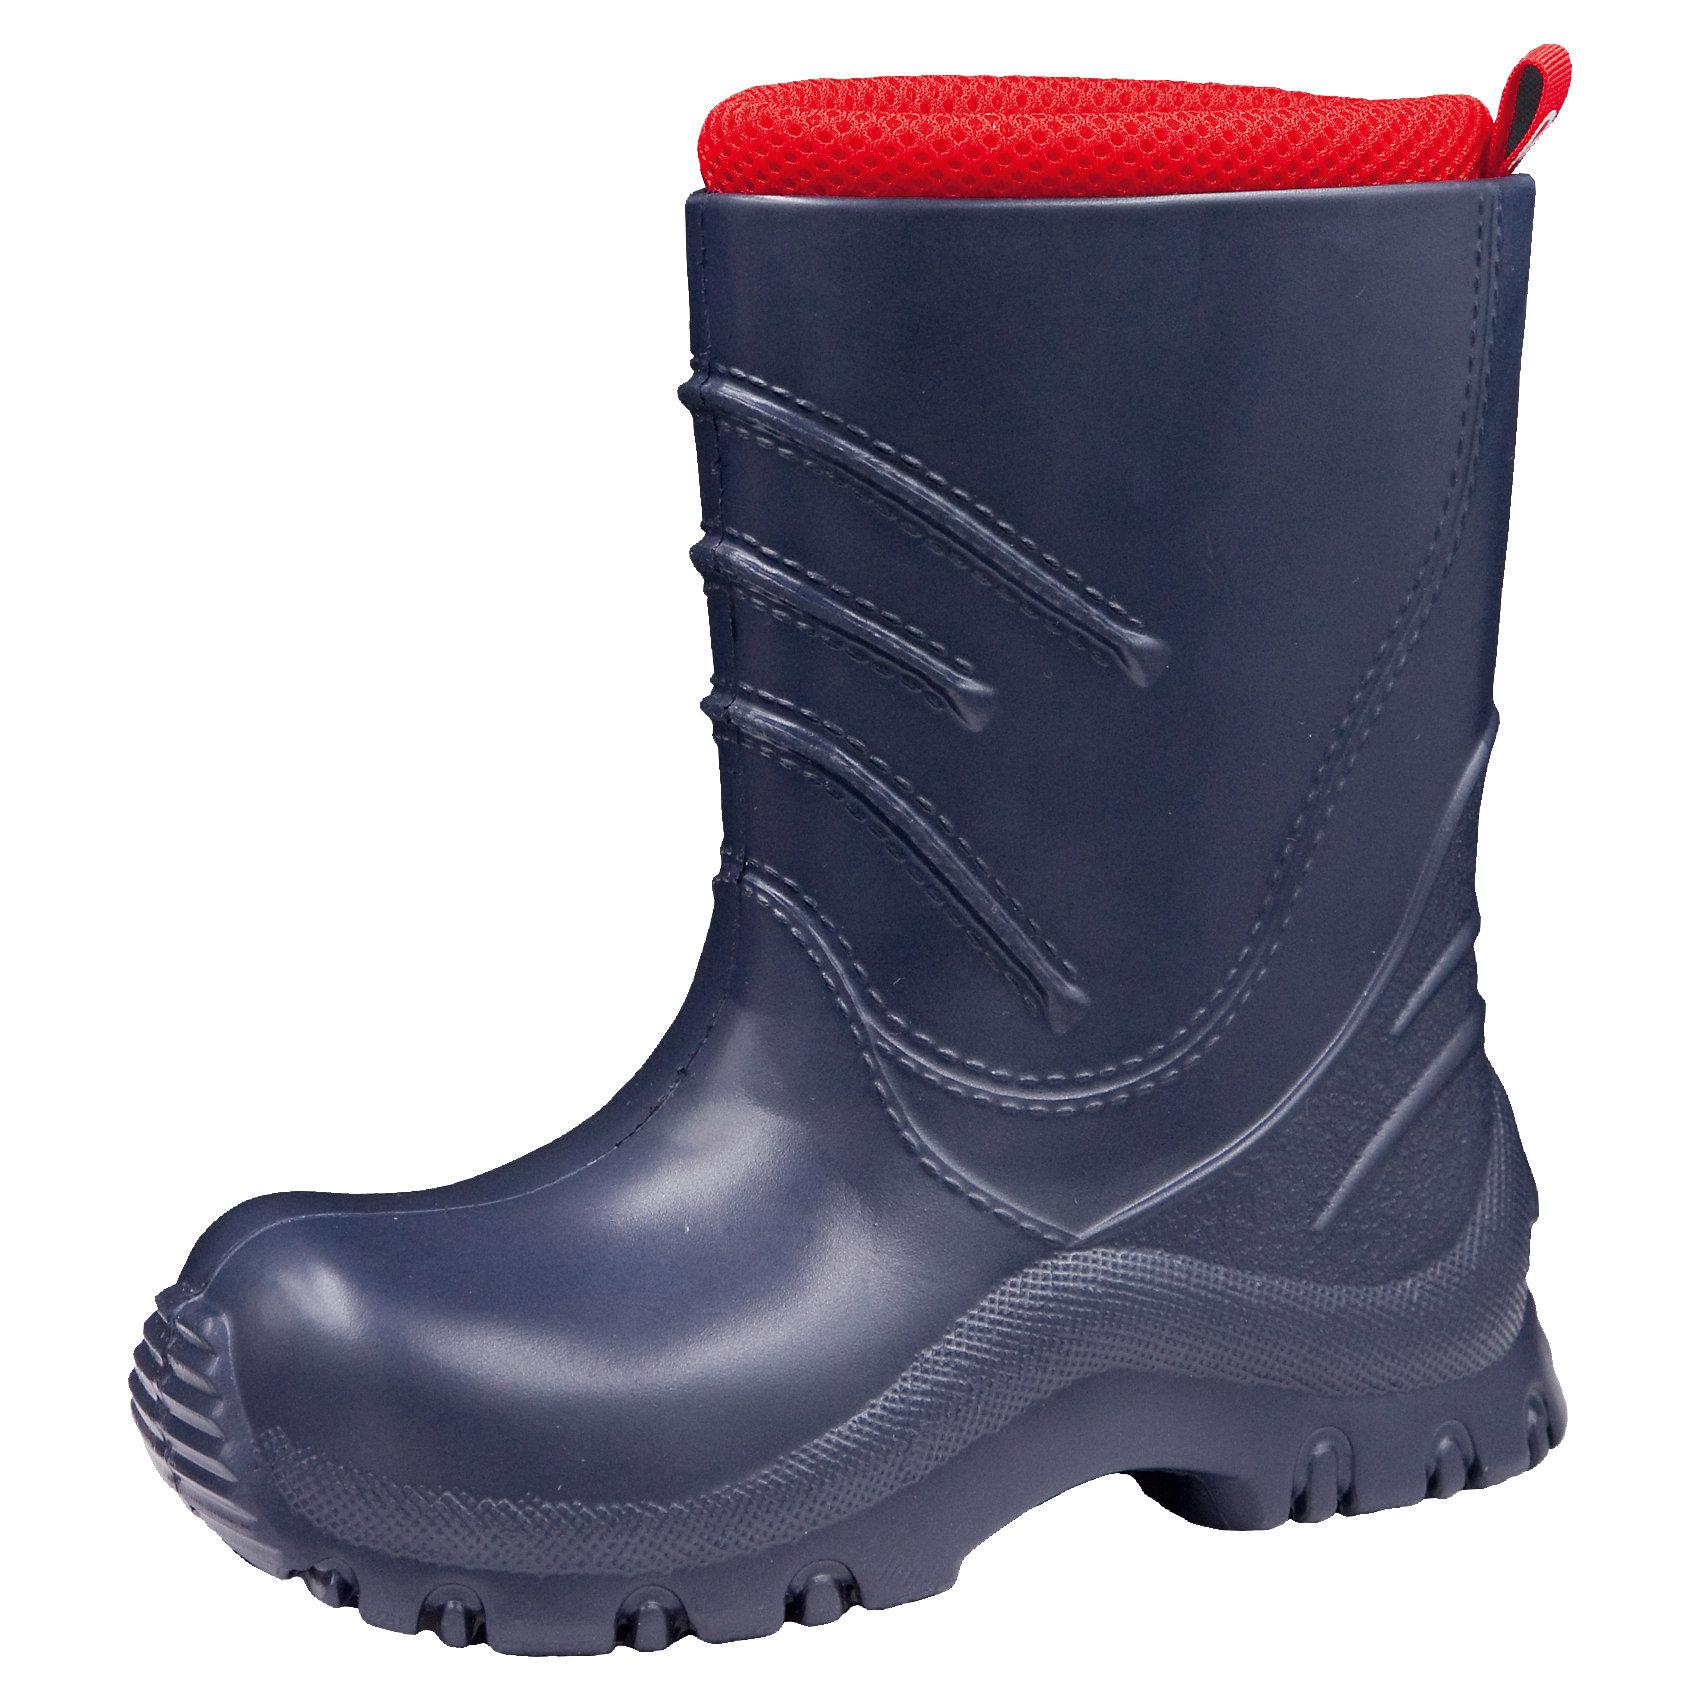 Резиновые сапоги  для мальчика Frillo Reimatec® ReimaОбувь<br>Резиновые сапоги  Reimatec® Reima<br>Резиновые сапоги для детей и малышей. Водонепроницаемая демисезонная обувь. Эластичная и легкая подошва из ЭВА. Текстильная подкладка. Съемный носок. Легко надеваются на ноги. Без ПХВ.<br>Уход:<br>Храните обувь в вертикальном положении при комнатной температуре. Сушить обувь всегда следует при комнатной температуре: вынув съемные стельки. Стельки следует время от времени заменять на новые. Налипшую грязь можно счищать щеткой или влажной тряпкой. Перед использованием обувь рекомендуется обрабатывать специальными защитными средствами.<br>Состав:<br>Подошва: 100% EVA, Верх: 100% EVA<br><br>Ширина мм: 237<br>Глубина мм: 180<br>Высота мм: 152<br>Вес г: 438<br>Цвет: синий<br>Возраст от месяцев: 72<br>Возраст до месяцев: 84<br>Пол: Мужской<br>Возраст: Детский<br>Размер: 30,28,26,24,32,22,34<br>SKU: 4776640